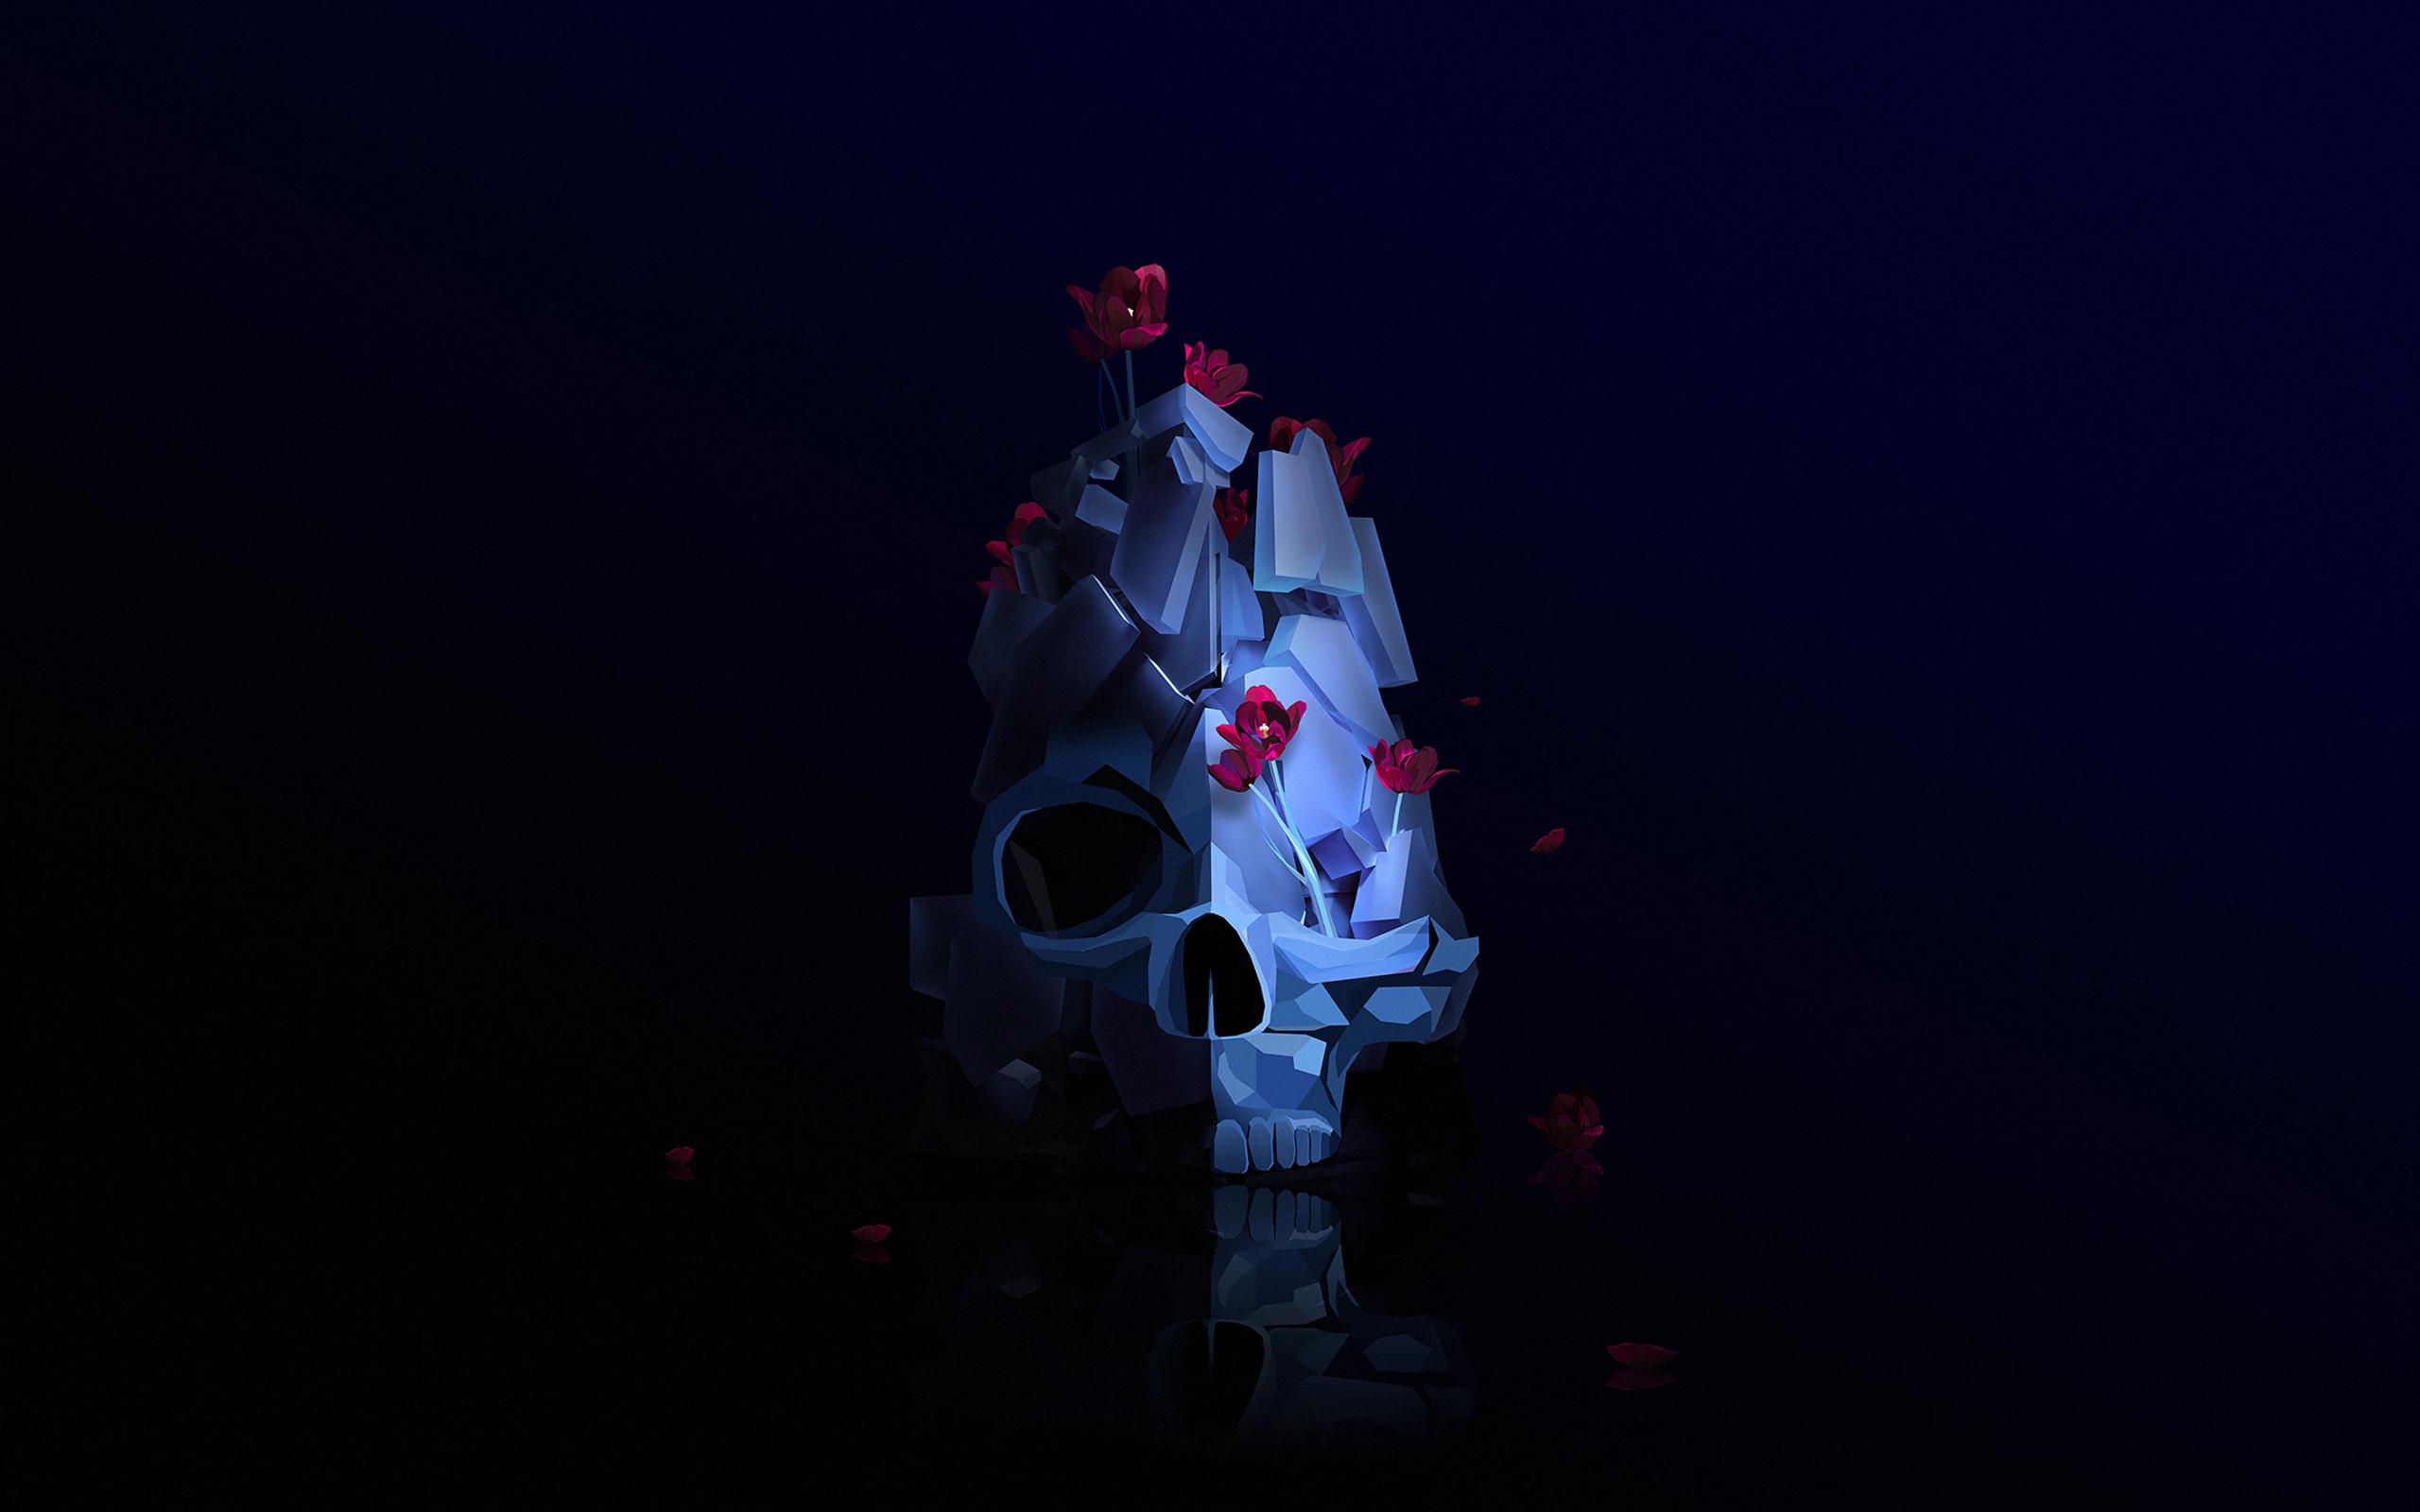 skull-and-roses-bn.jpg